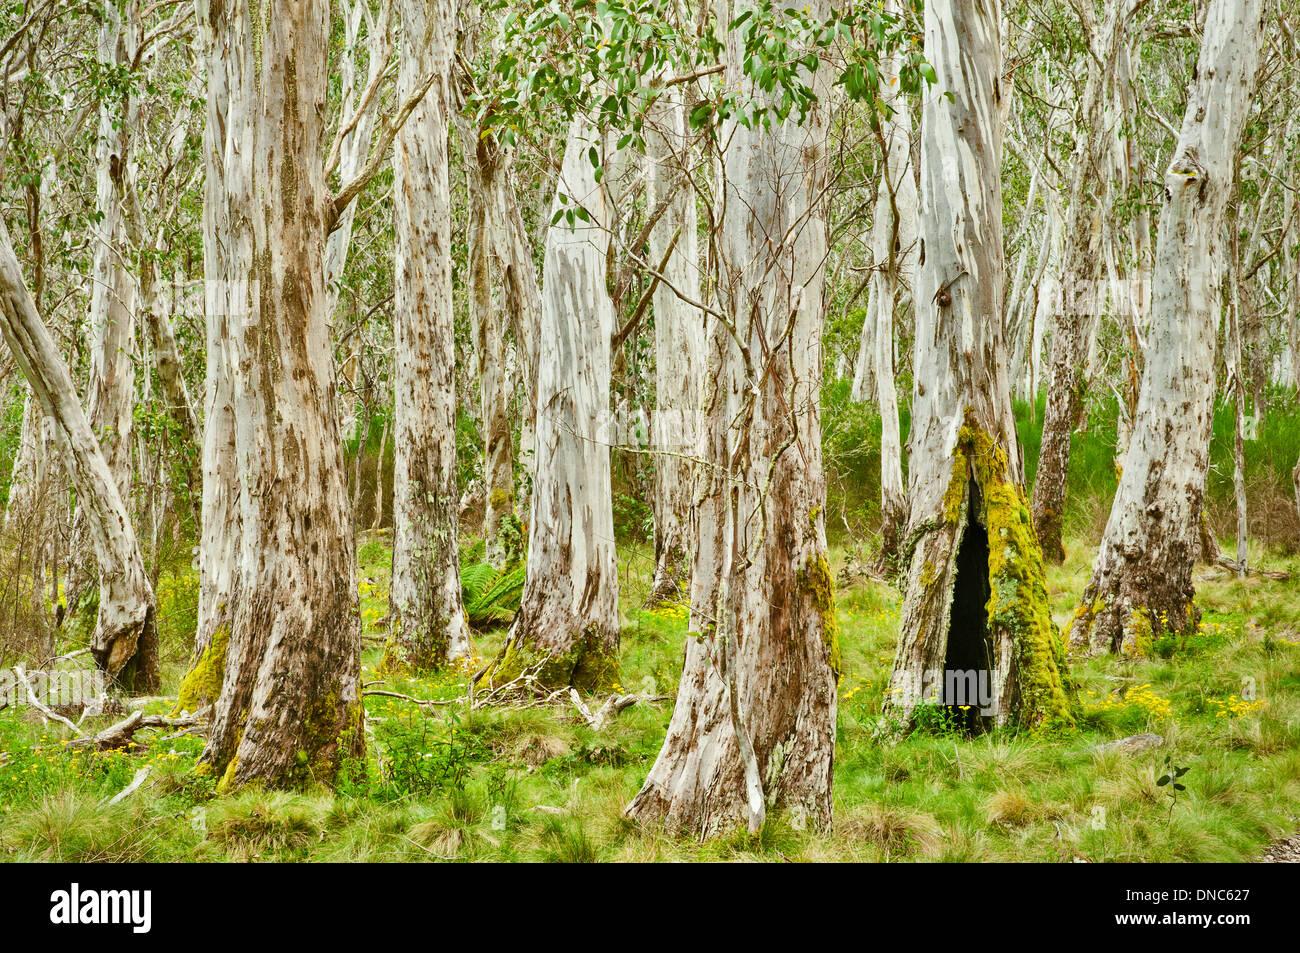 Antiguo bosque de árboles de eucalipto. Imagen De Stock